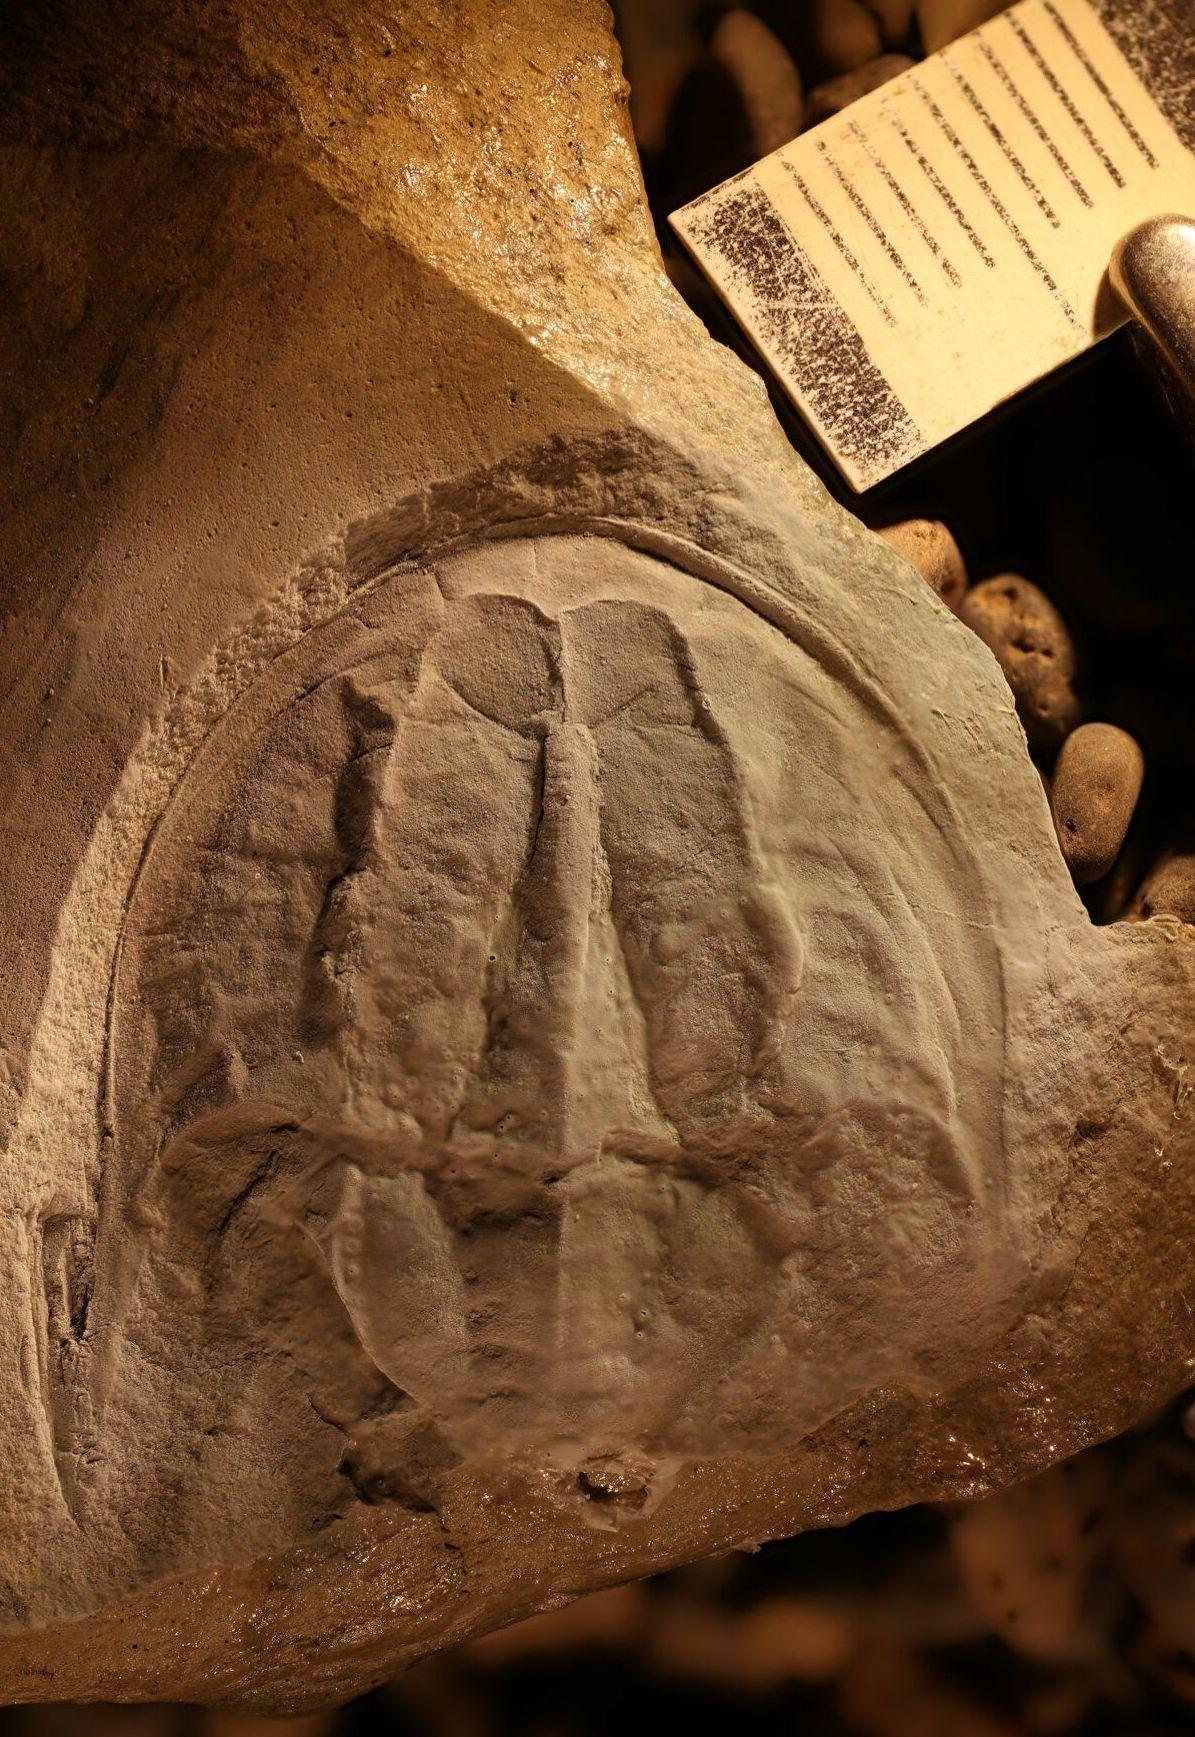 El fósil de la colección de la Universidad de Tasmania